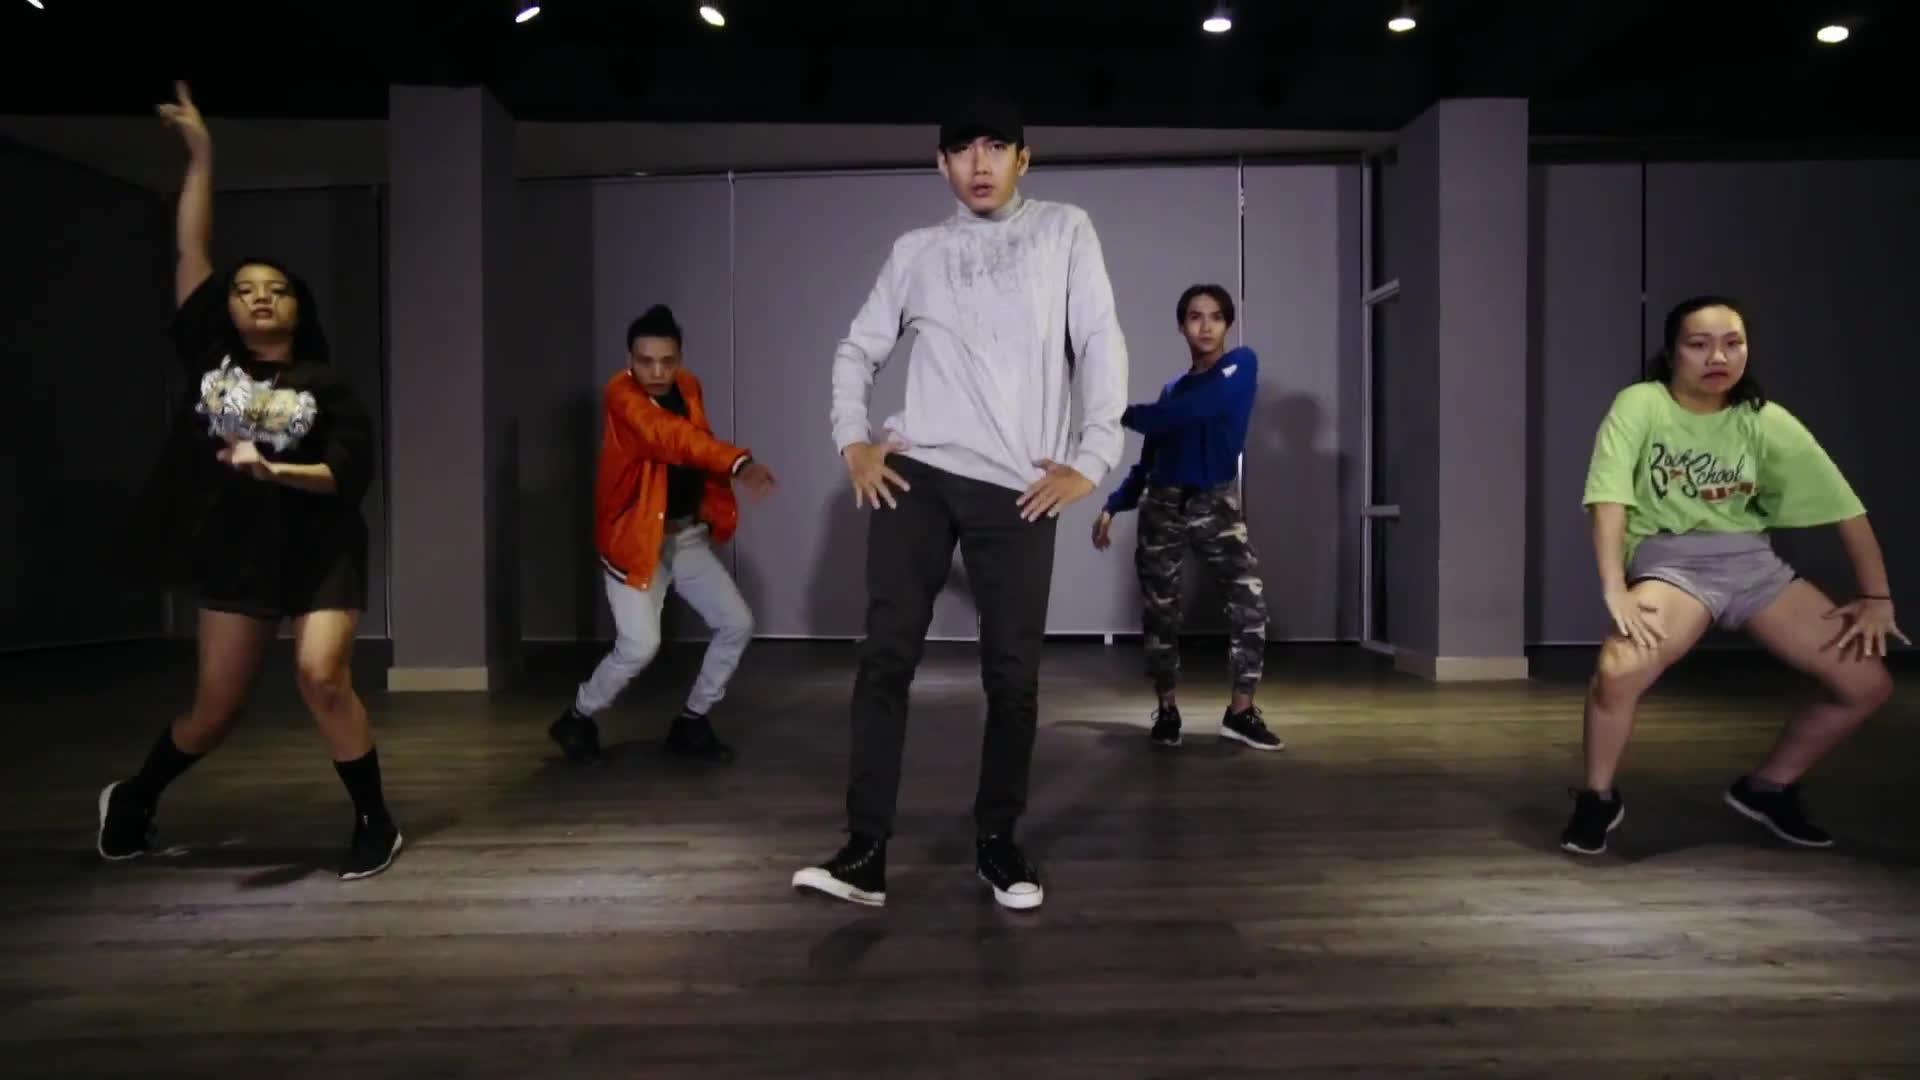 Quang Đăng tung bản dance cover ca khúc hot nhất thế giới Despacito